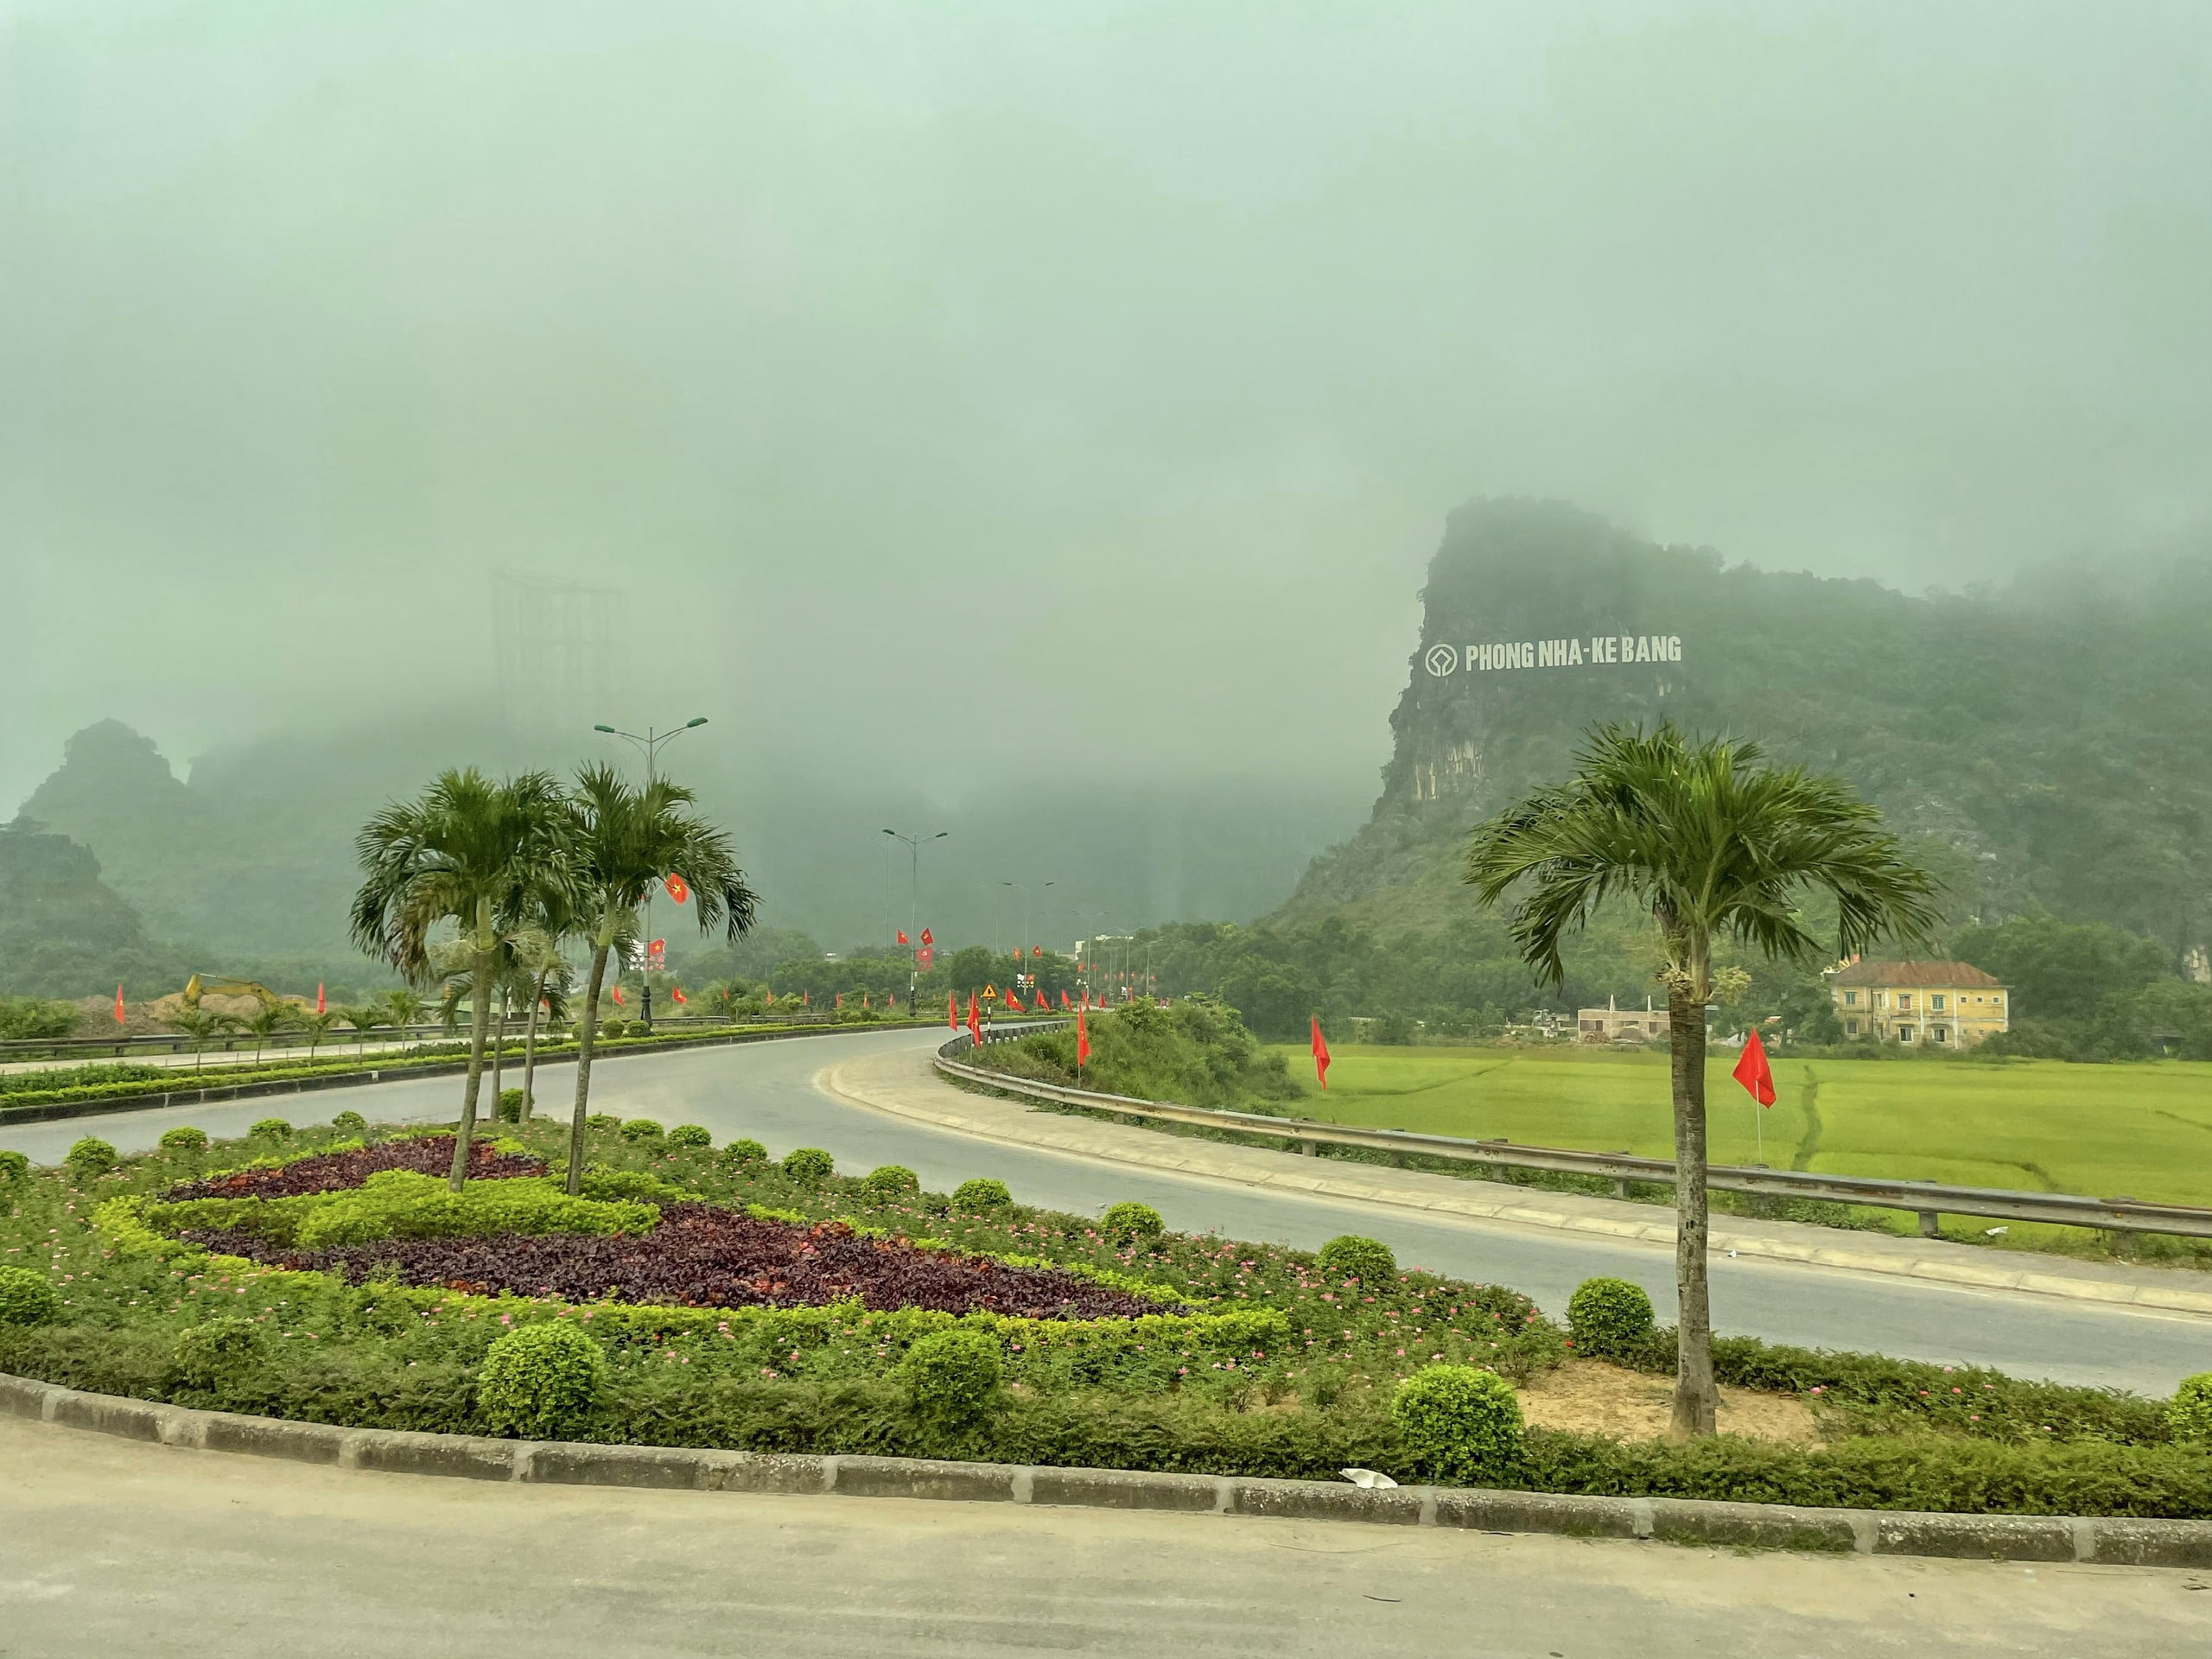 Path green led to the Phong Nha - Ke Bang National Park